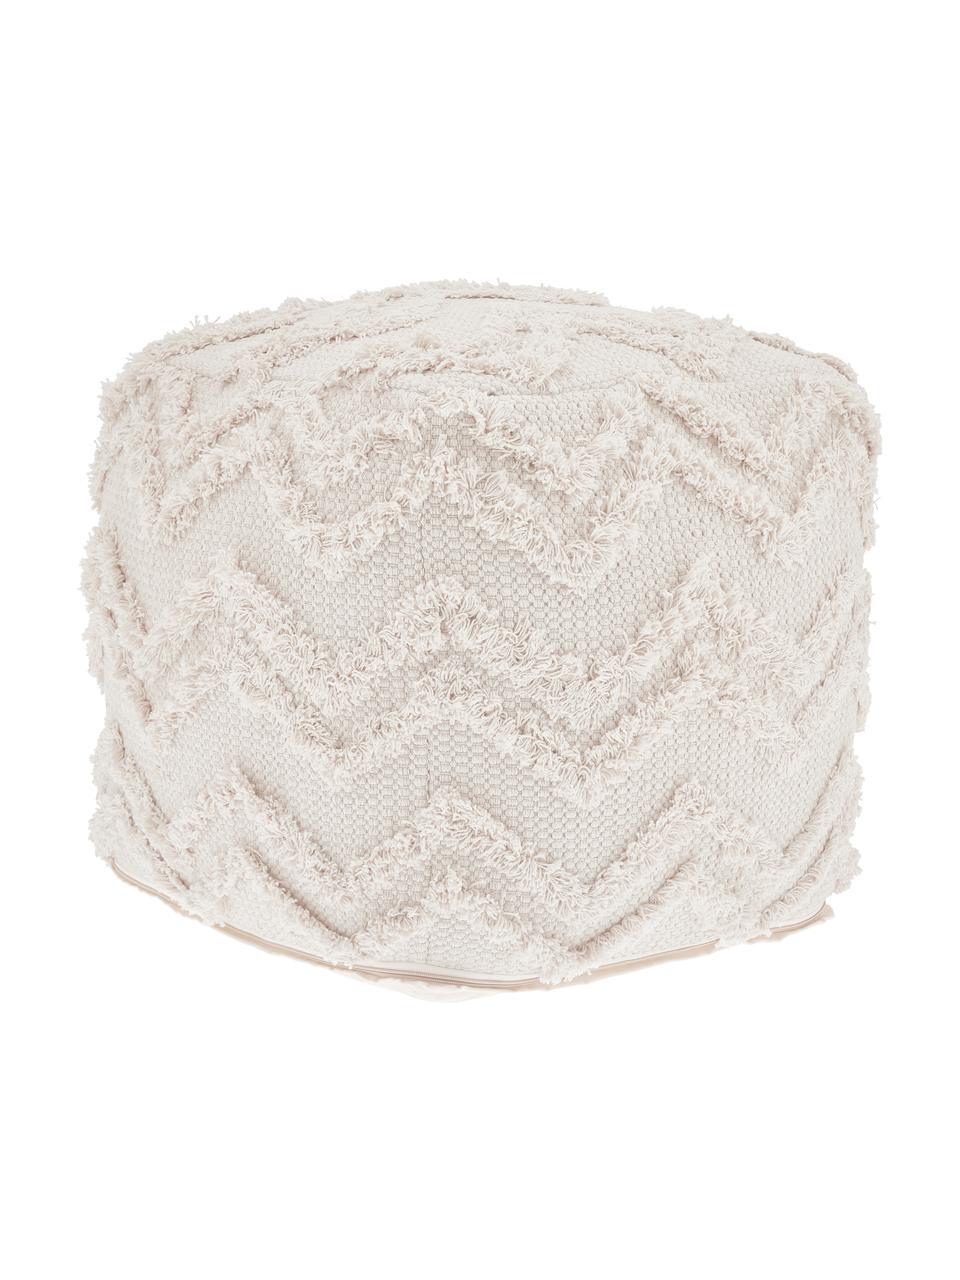 Handgetufteter Boho-Pouf Akesha in Cremeweiß, Bezug: Baumwolle, Weiß, 45 x 45 cm